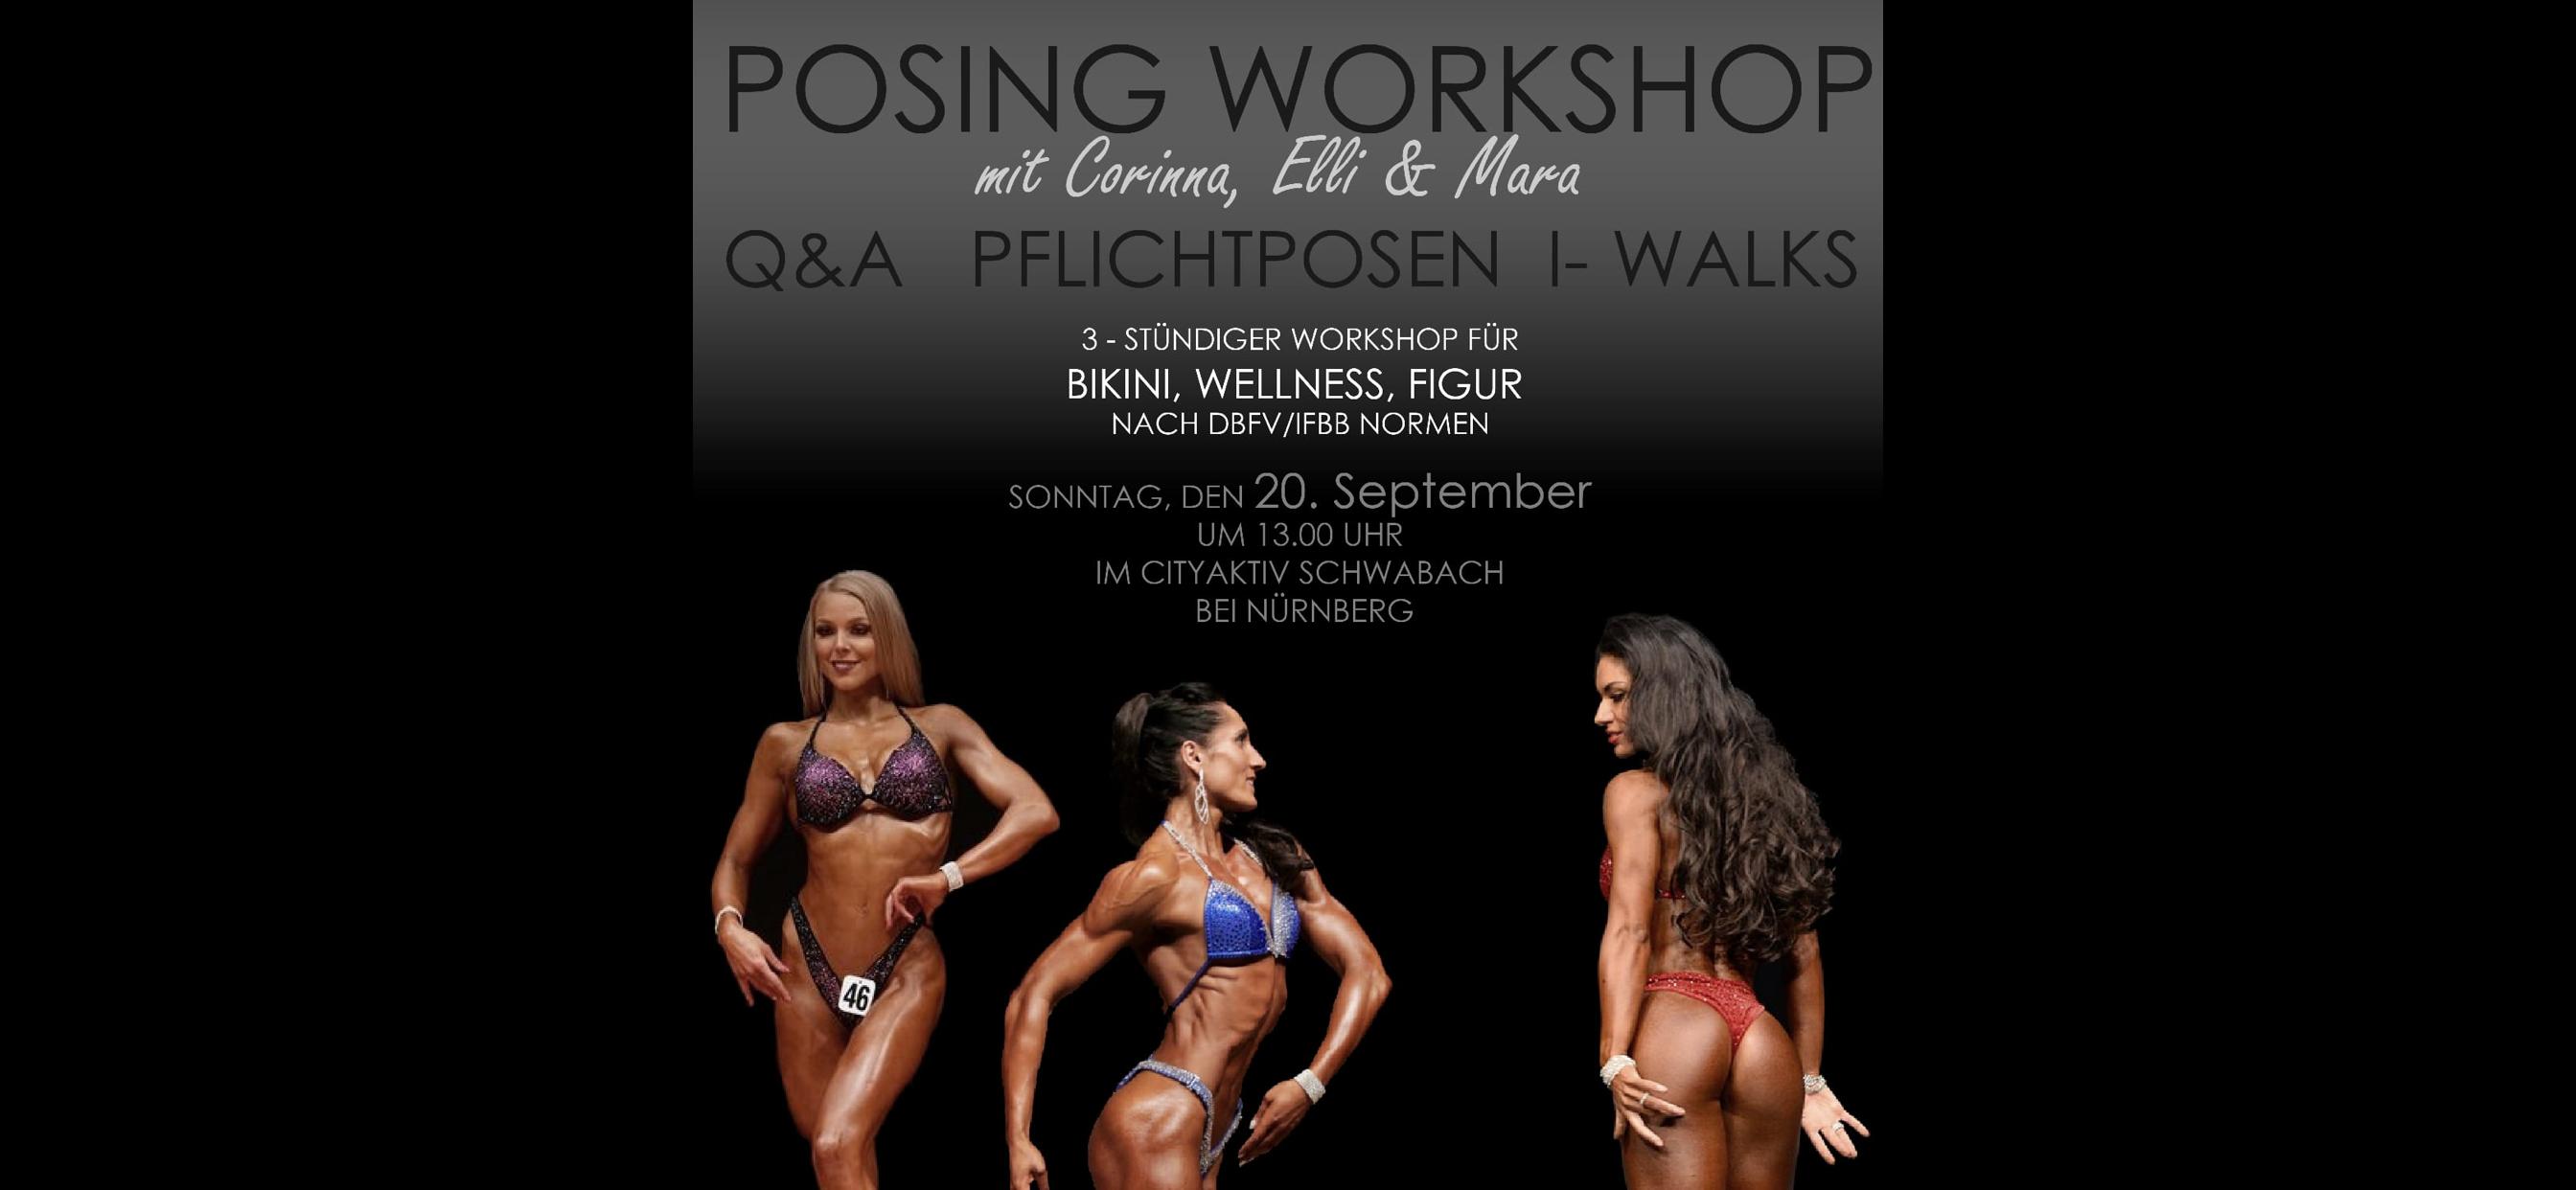 Posing Workshop